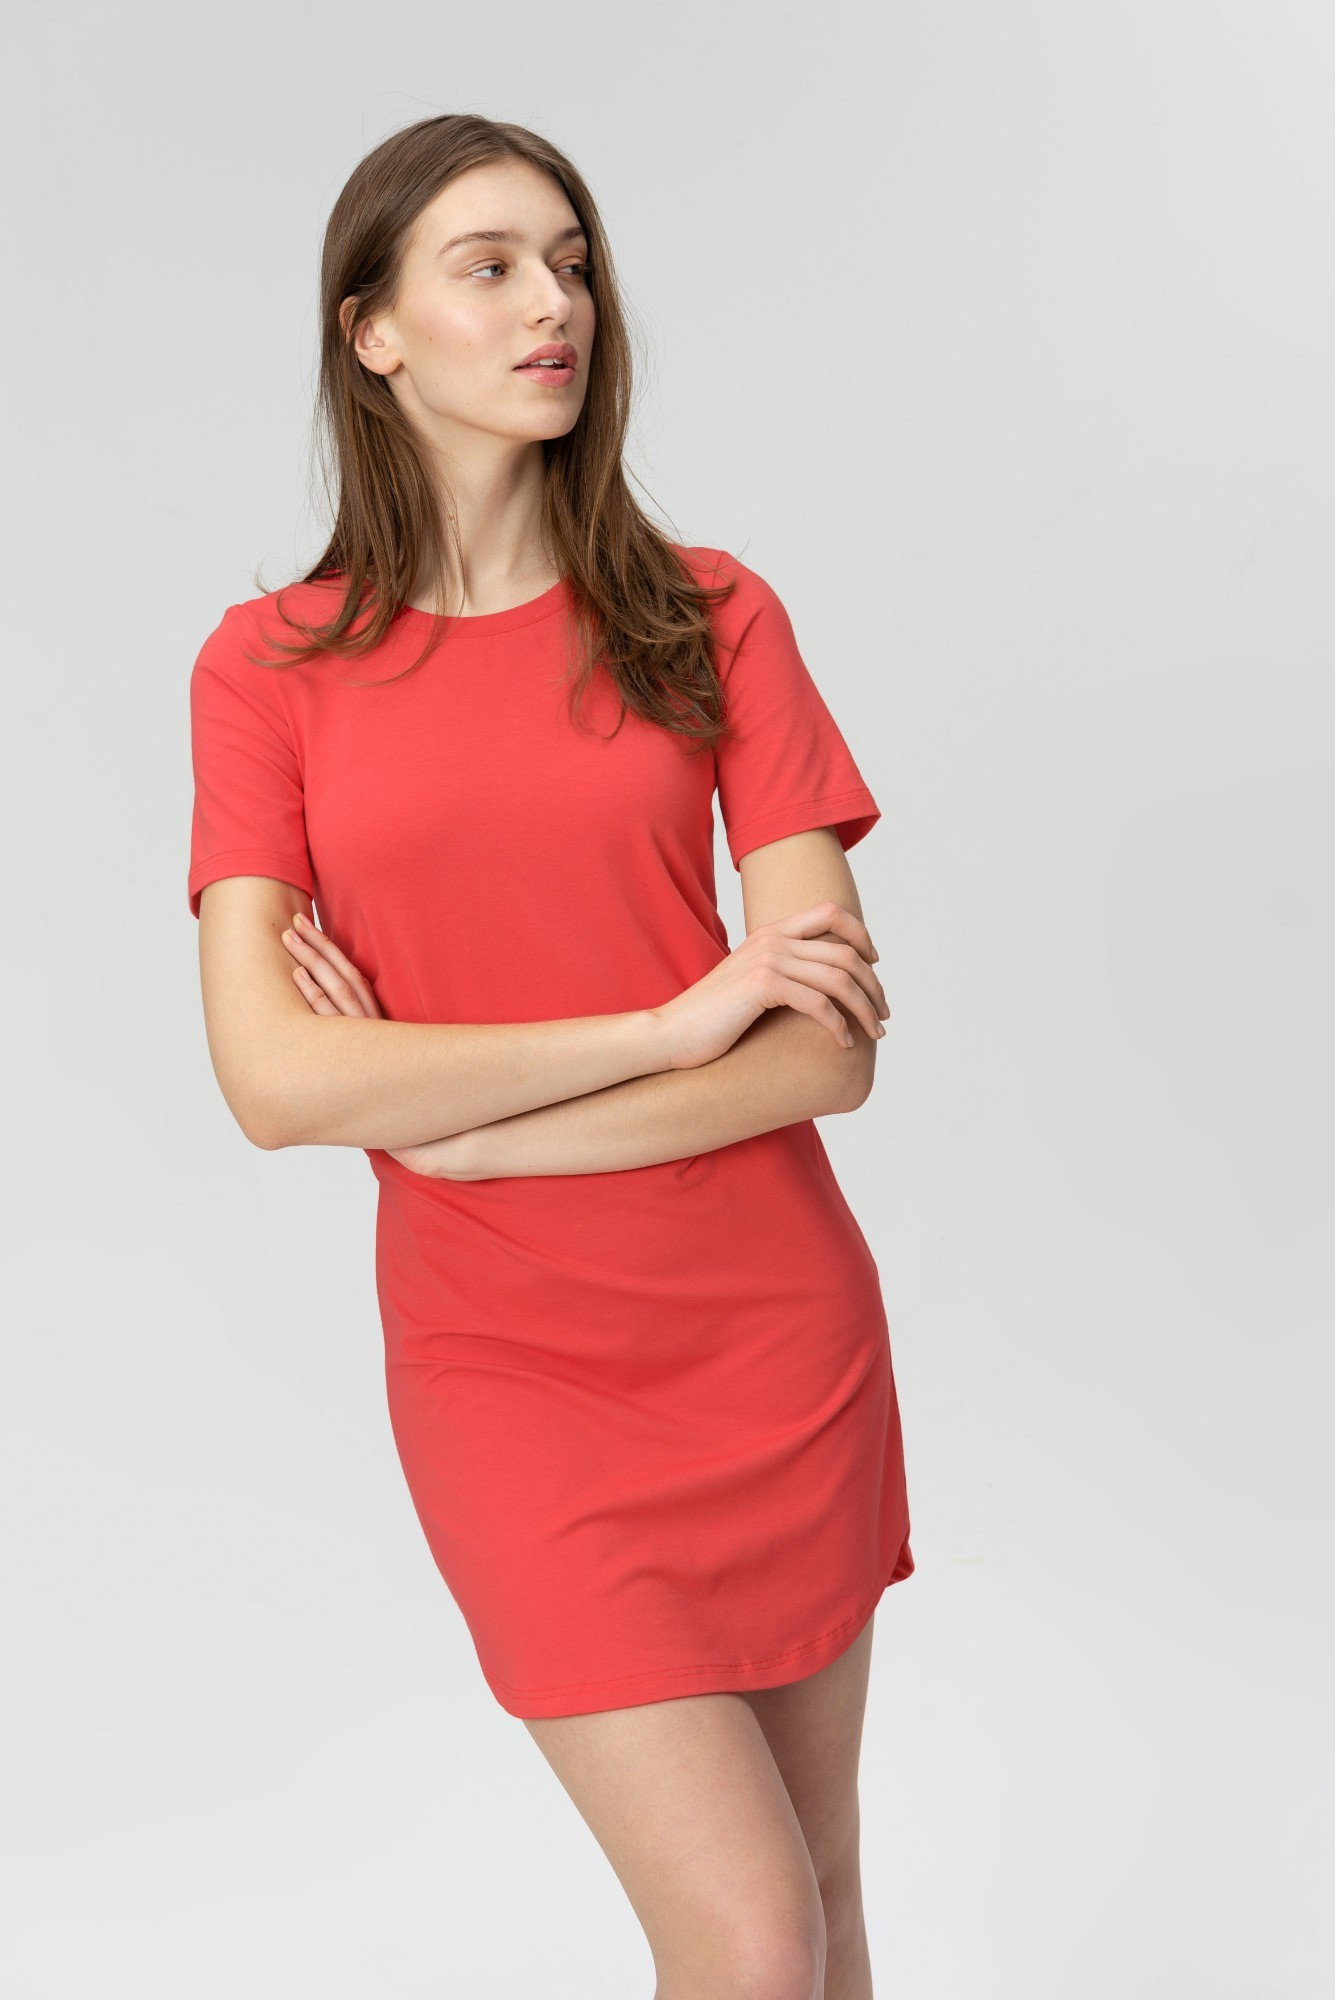 AUDIMAS Švelnaus modalo suknelė 2011-033 Poppy Red M